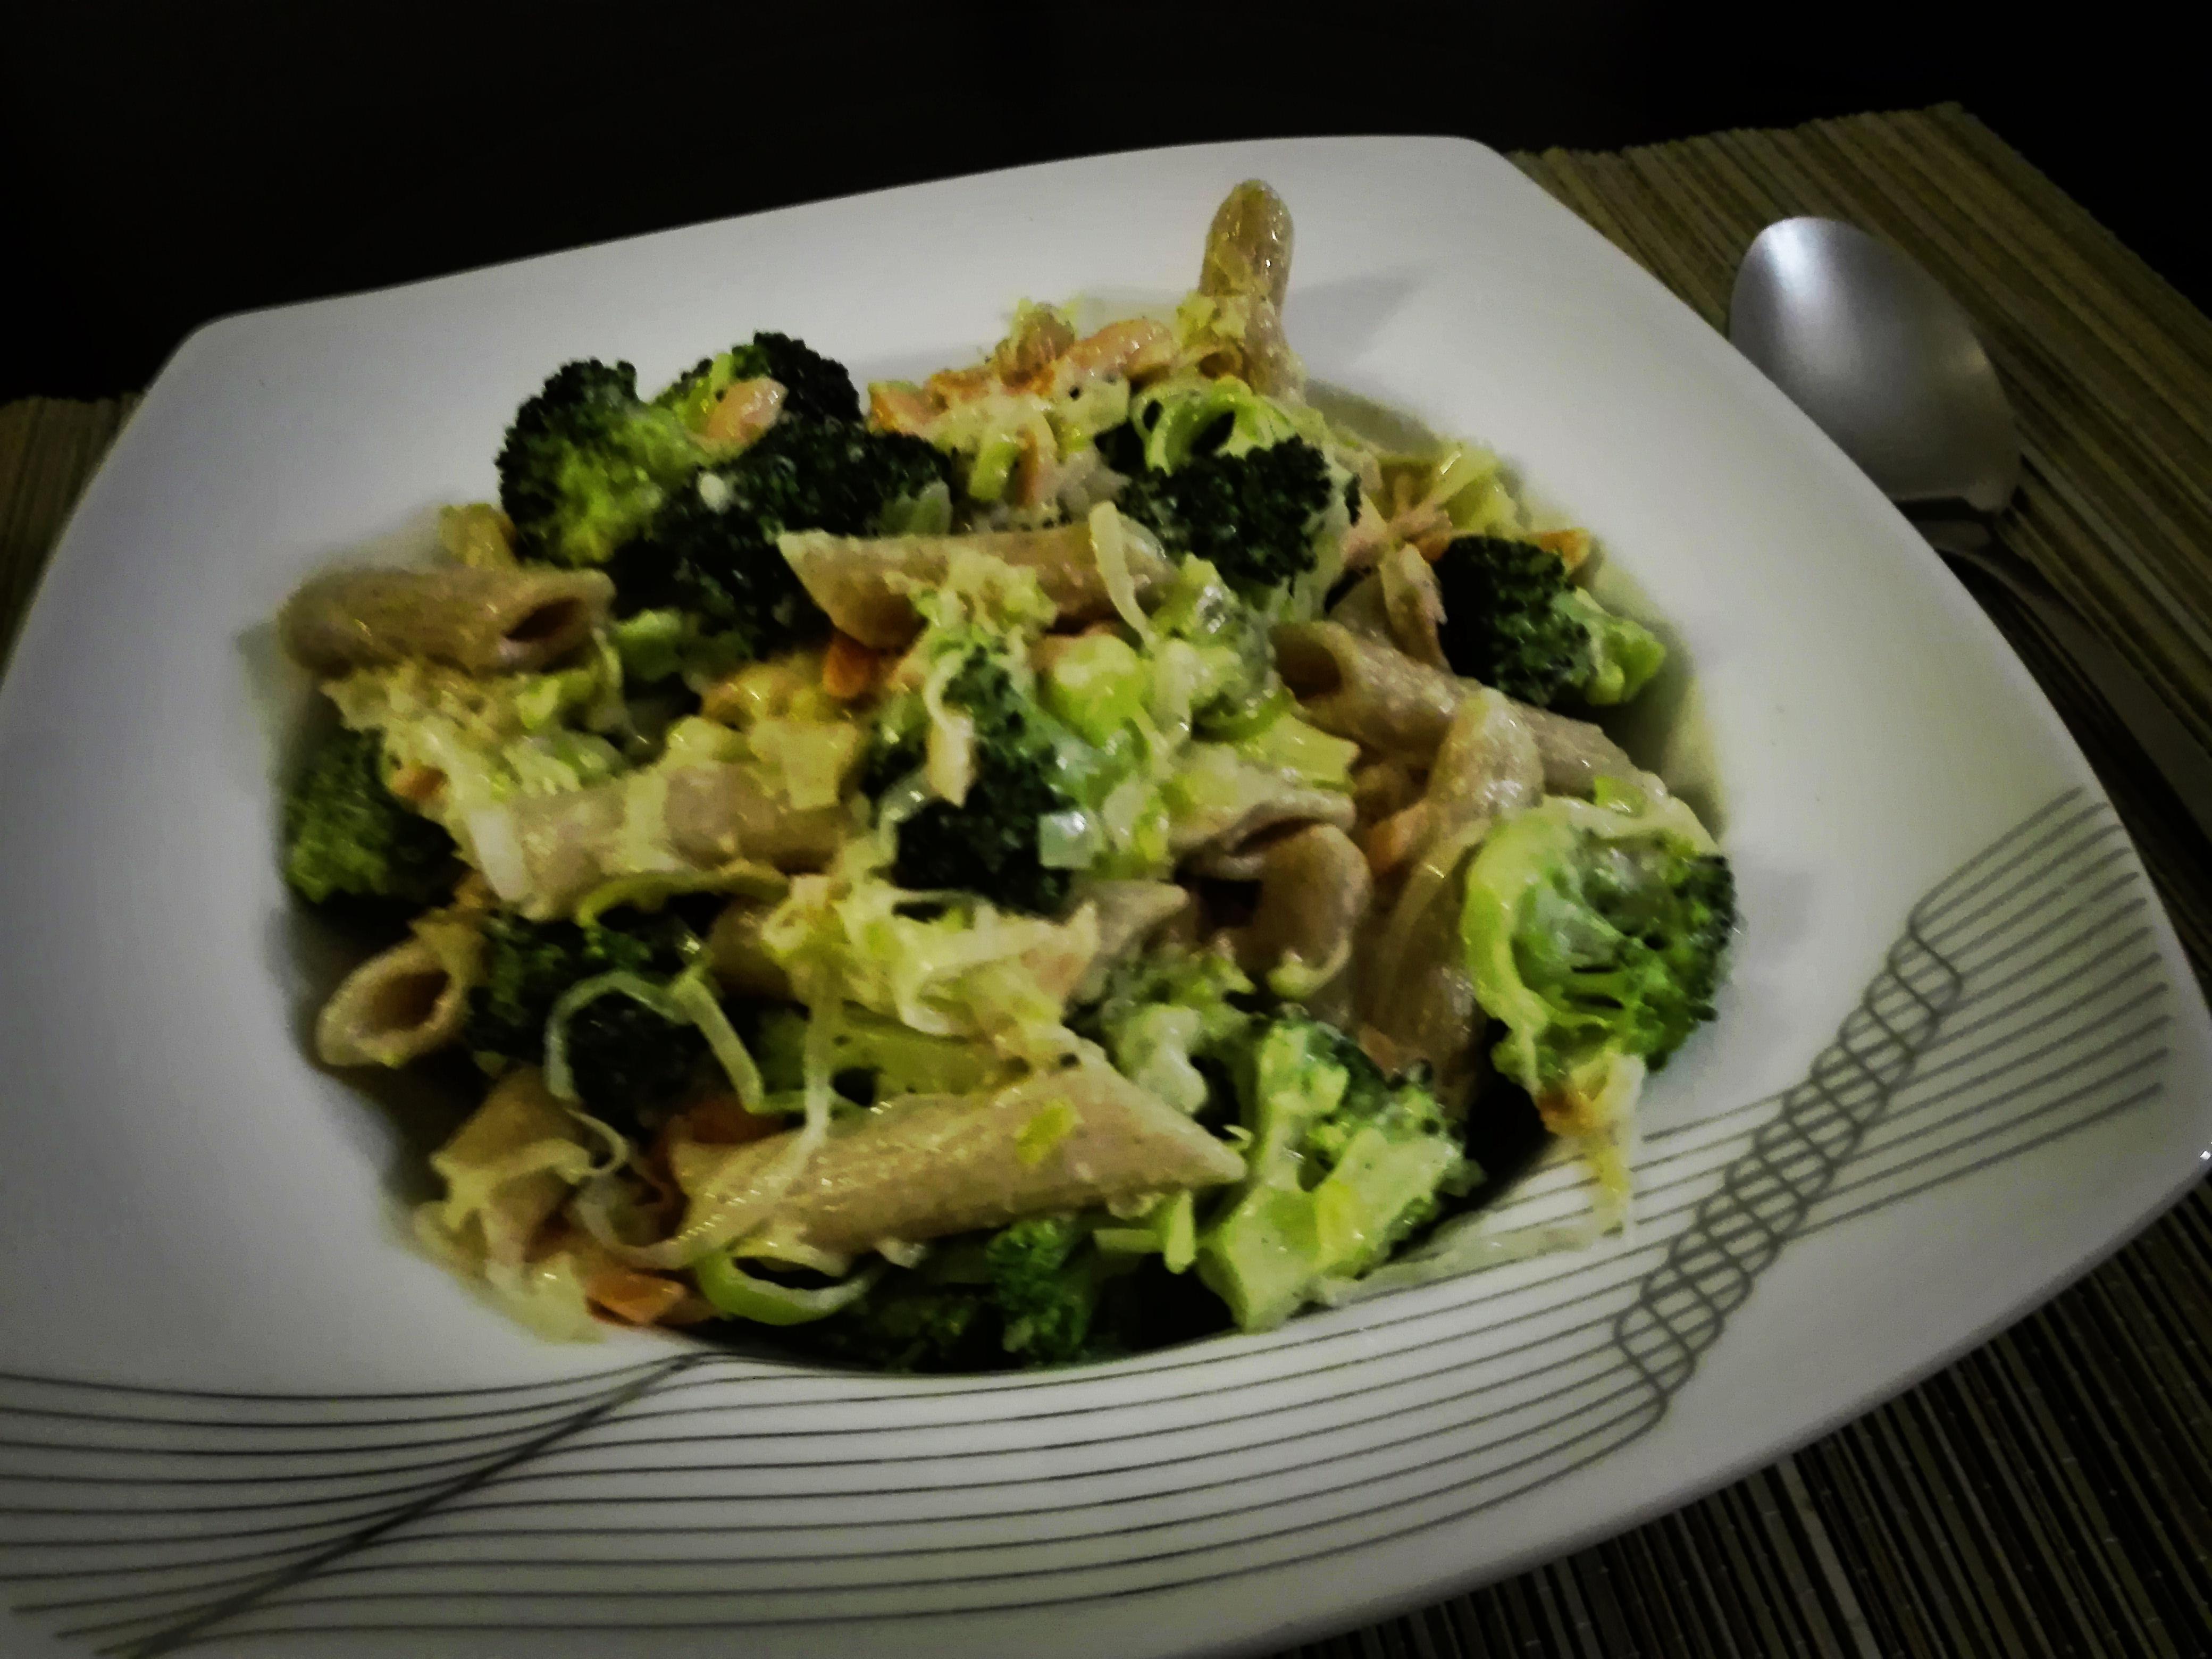 Makaron z brokułem, porem i łososiem w sosie a la beszamelowym